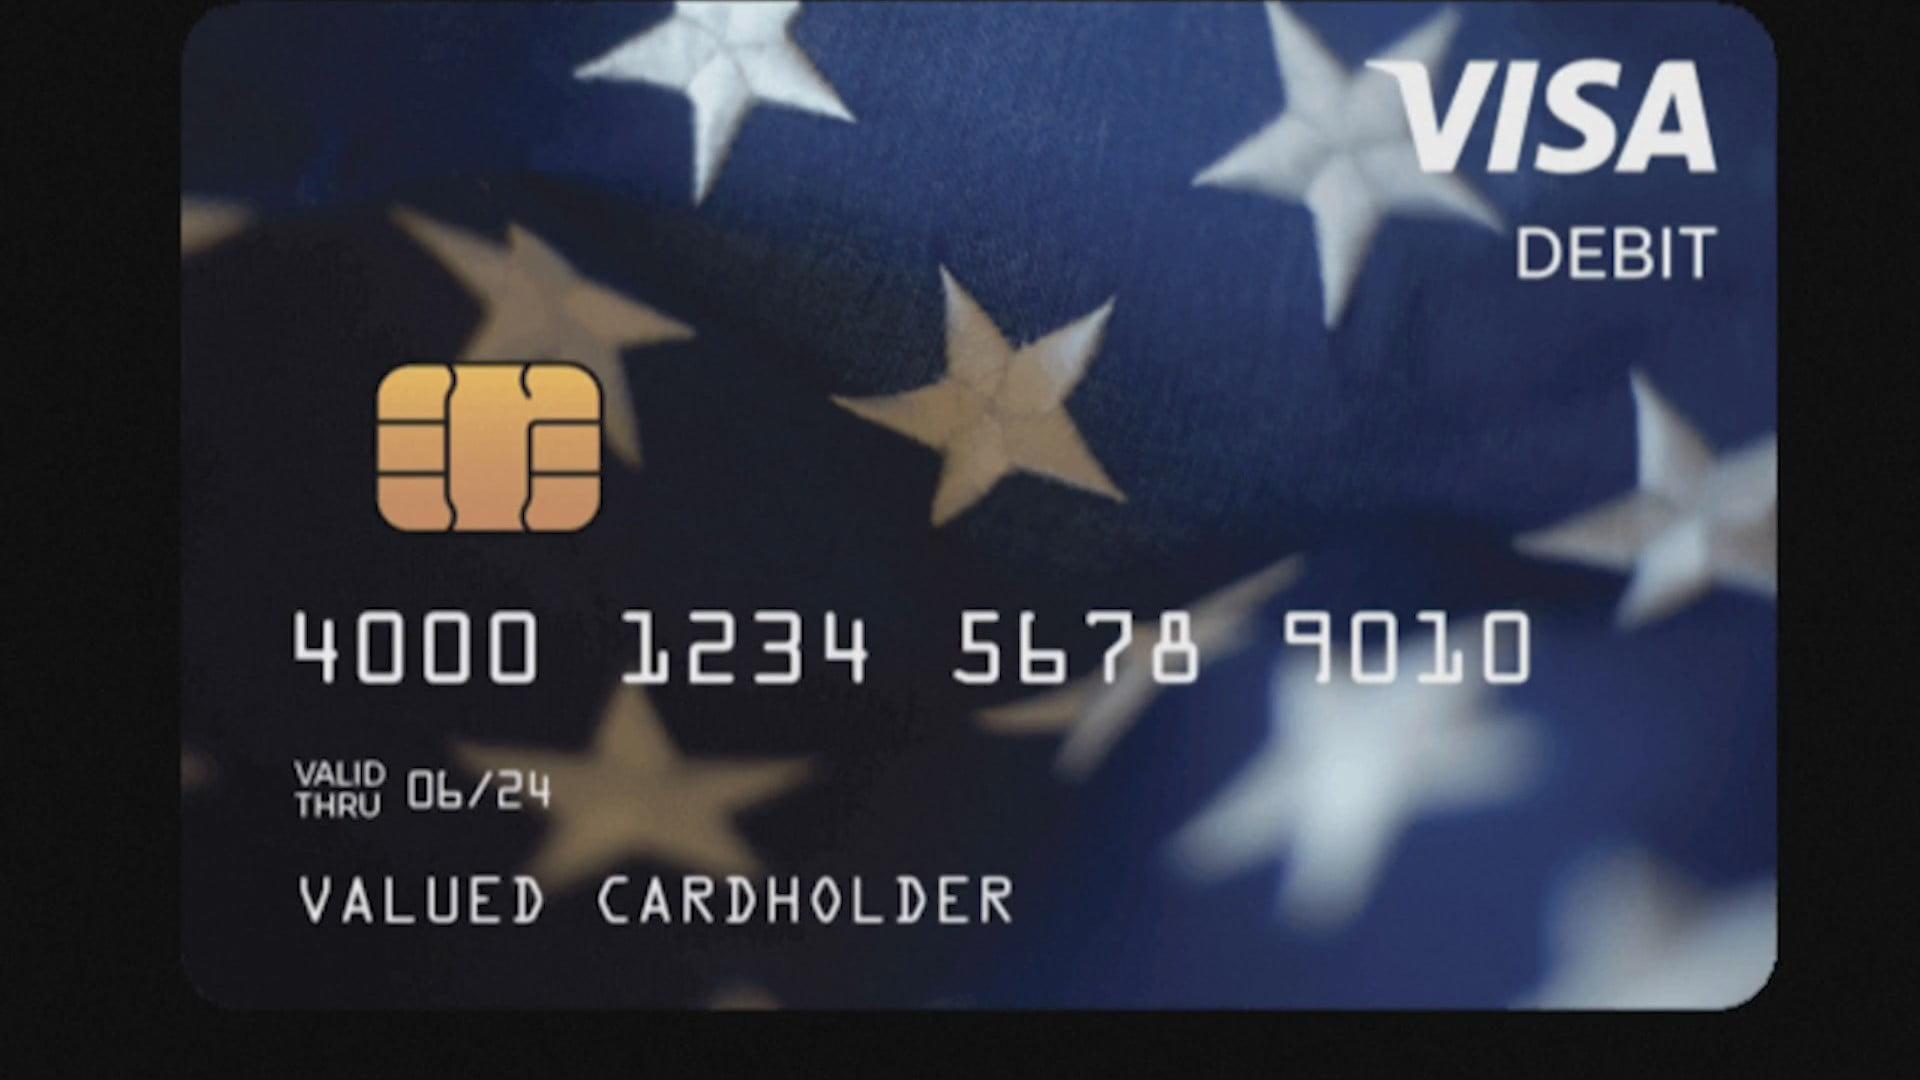 Stimulus Prepaid Debit Cards Confusing Some Iowans 14